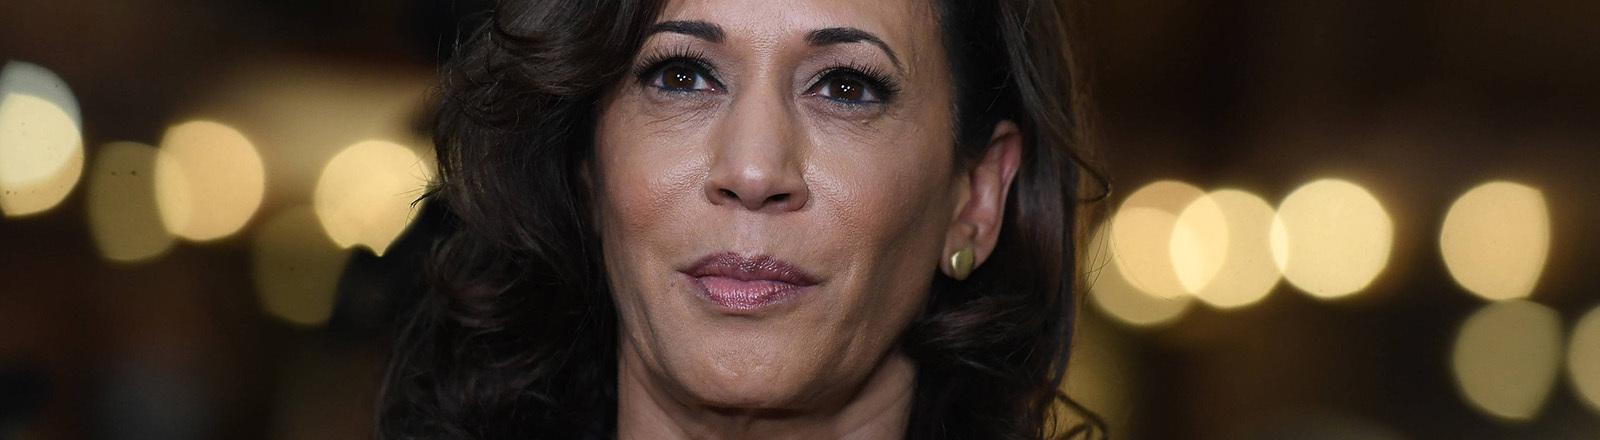 Portraitaufnahme von Kamala Harris, die Vizekandidatin der US-Demokraten (11.08.2020)